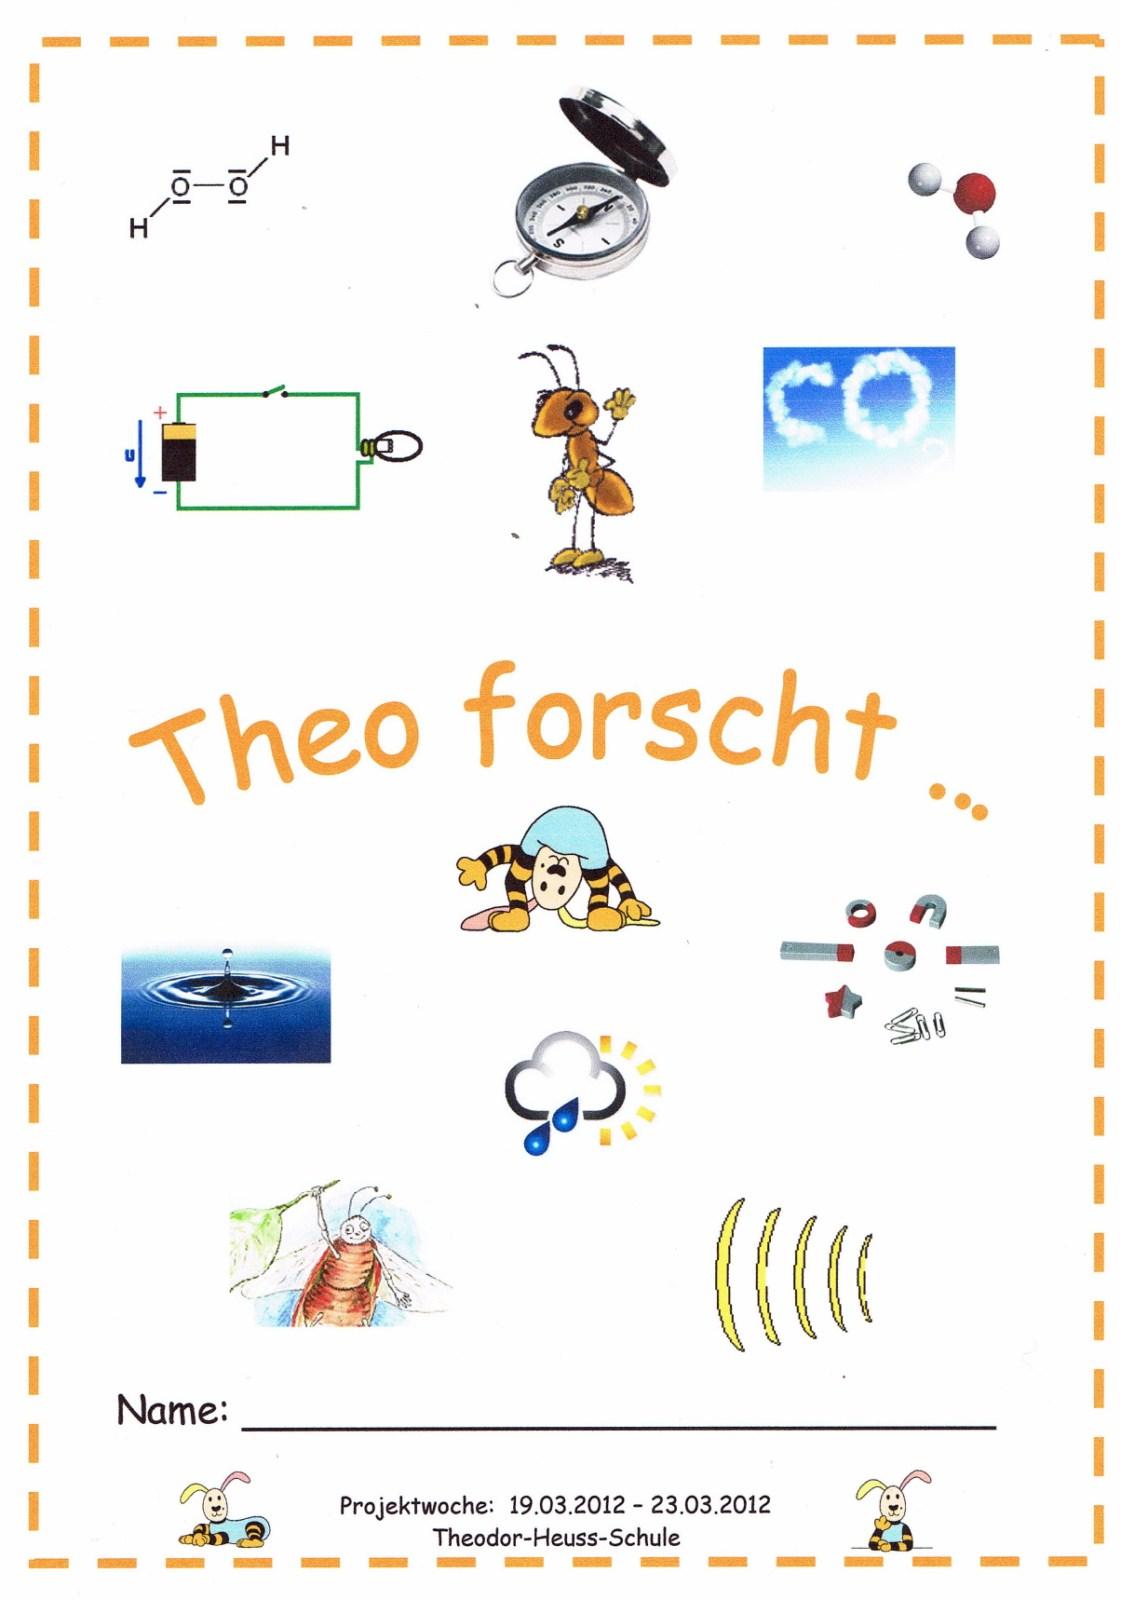 Theodor Heuss Schule   Projektwoche 2012